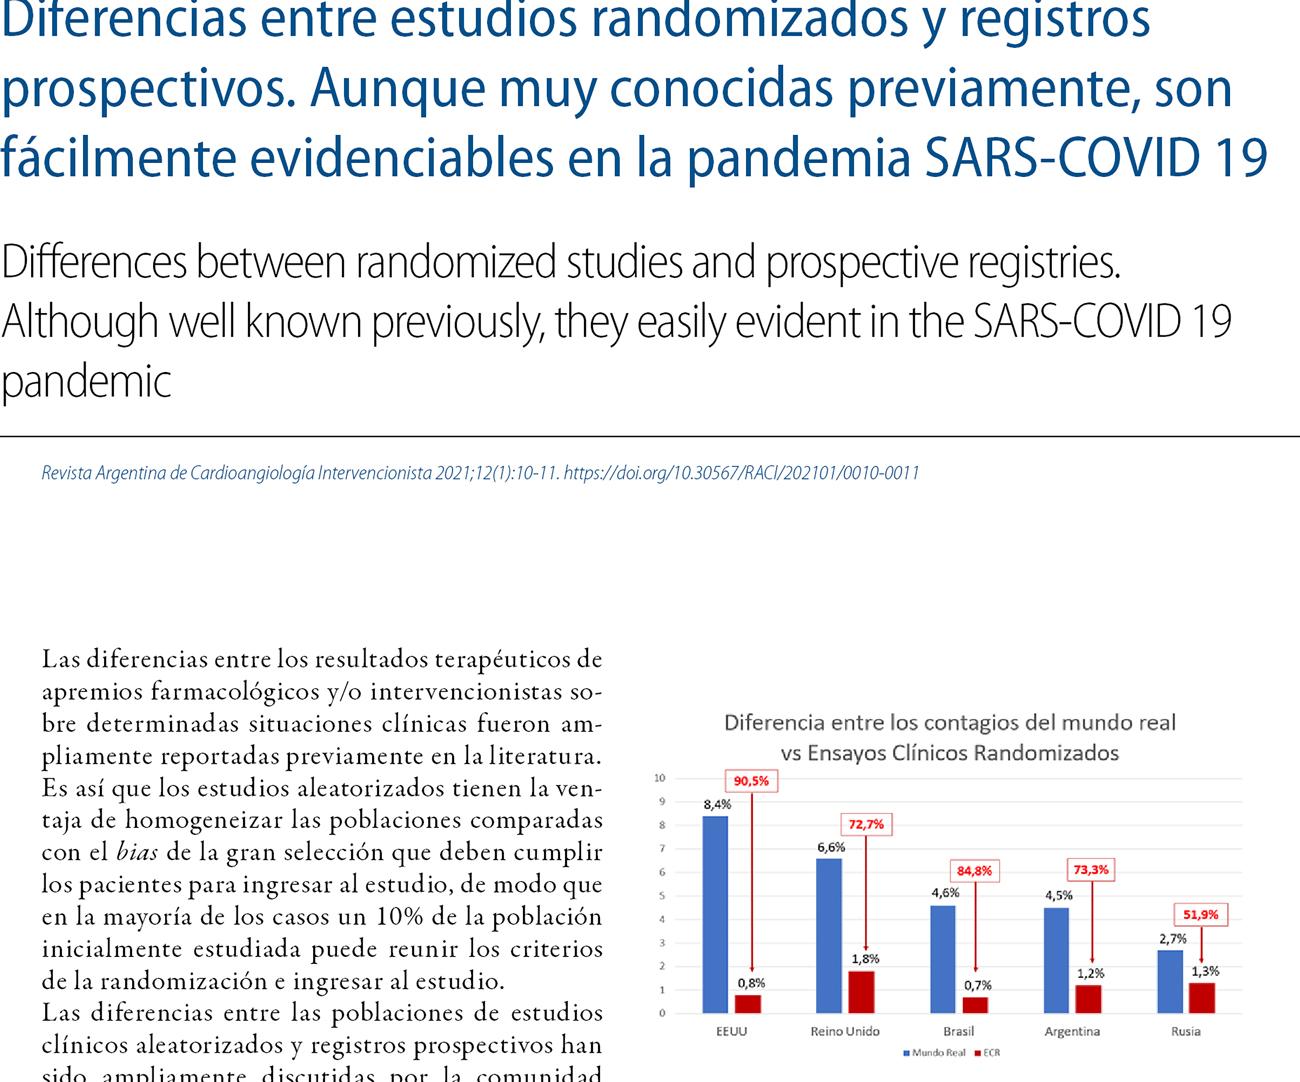 Diferencias entre estudios randomizados y registros prospectivos. Aunque muy conocidas previamente, son fácilmente evidenciables en la pandemia SARS-COVID 19